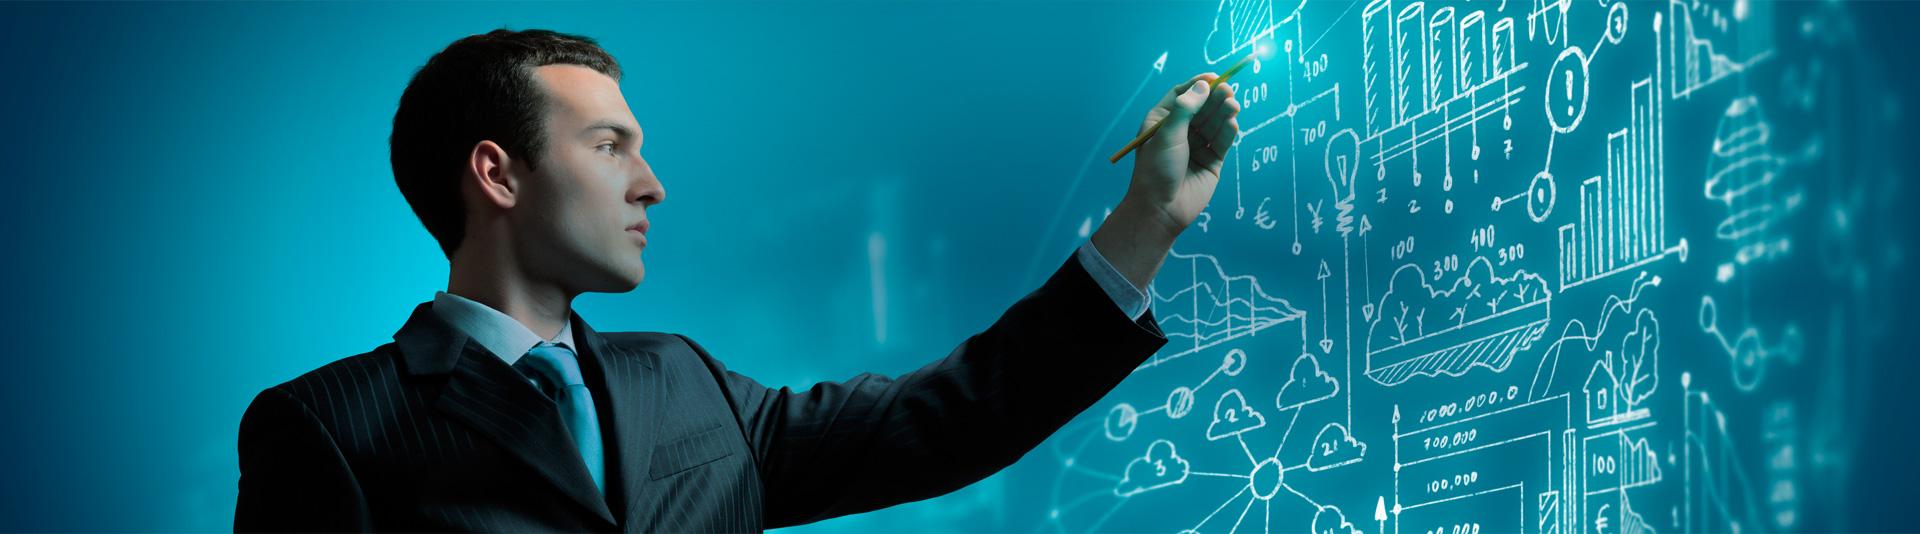 ITmonitoring puede monitorizar cualquier activo